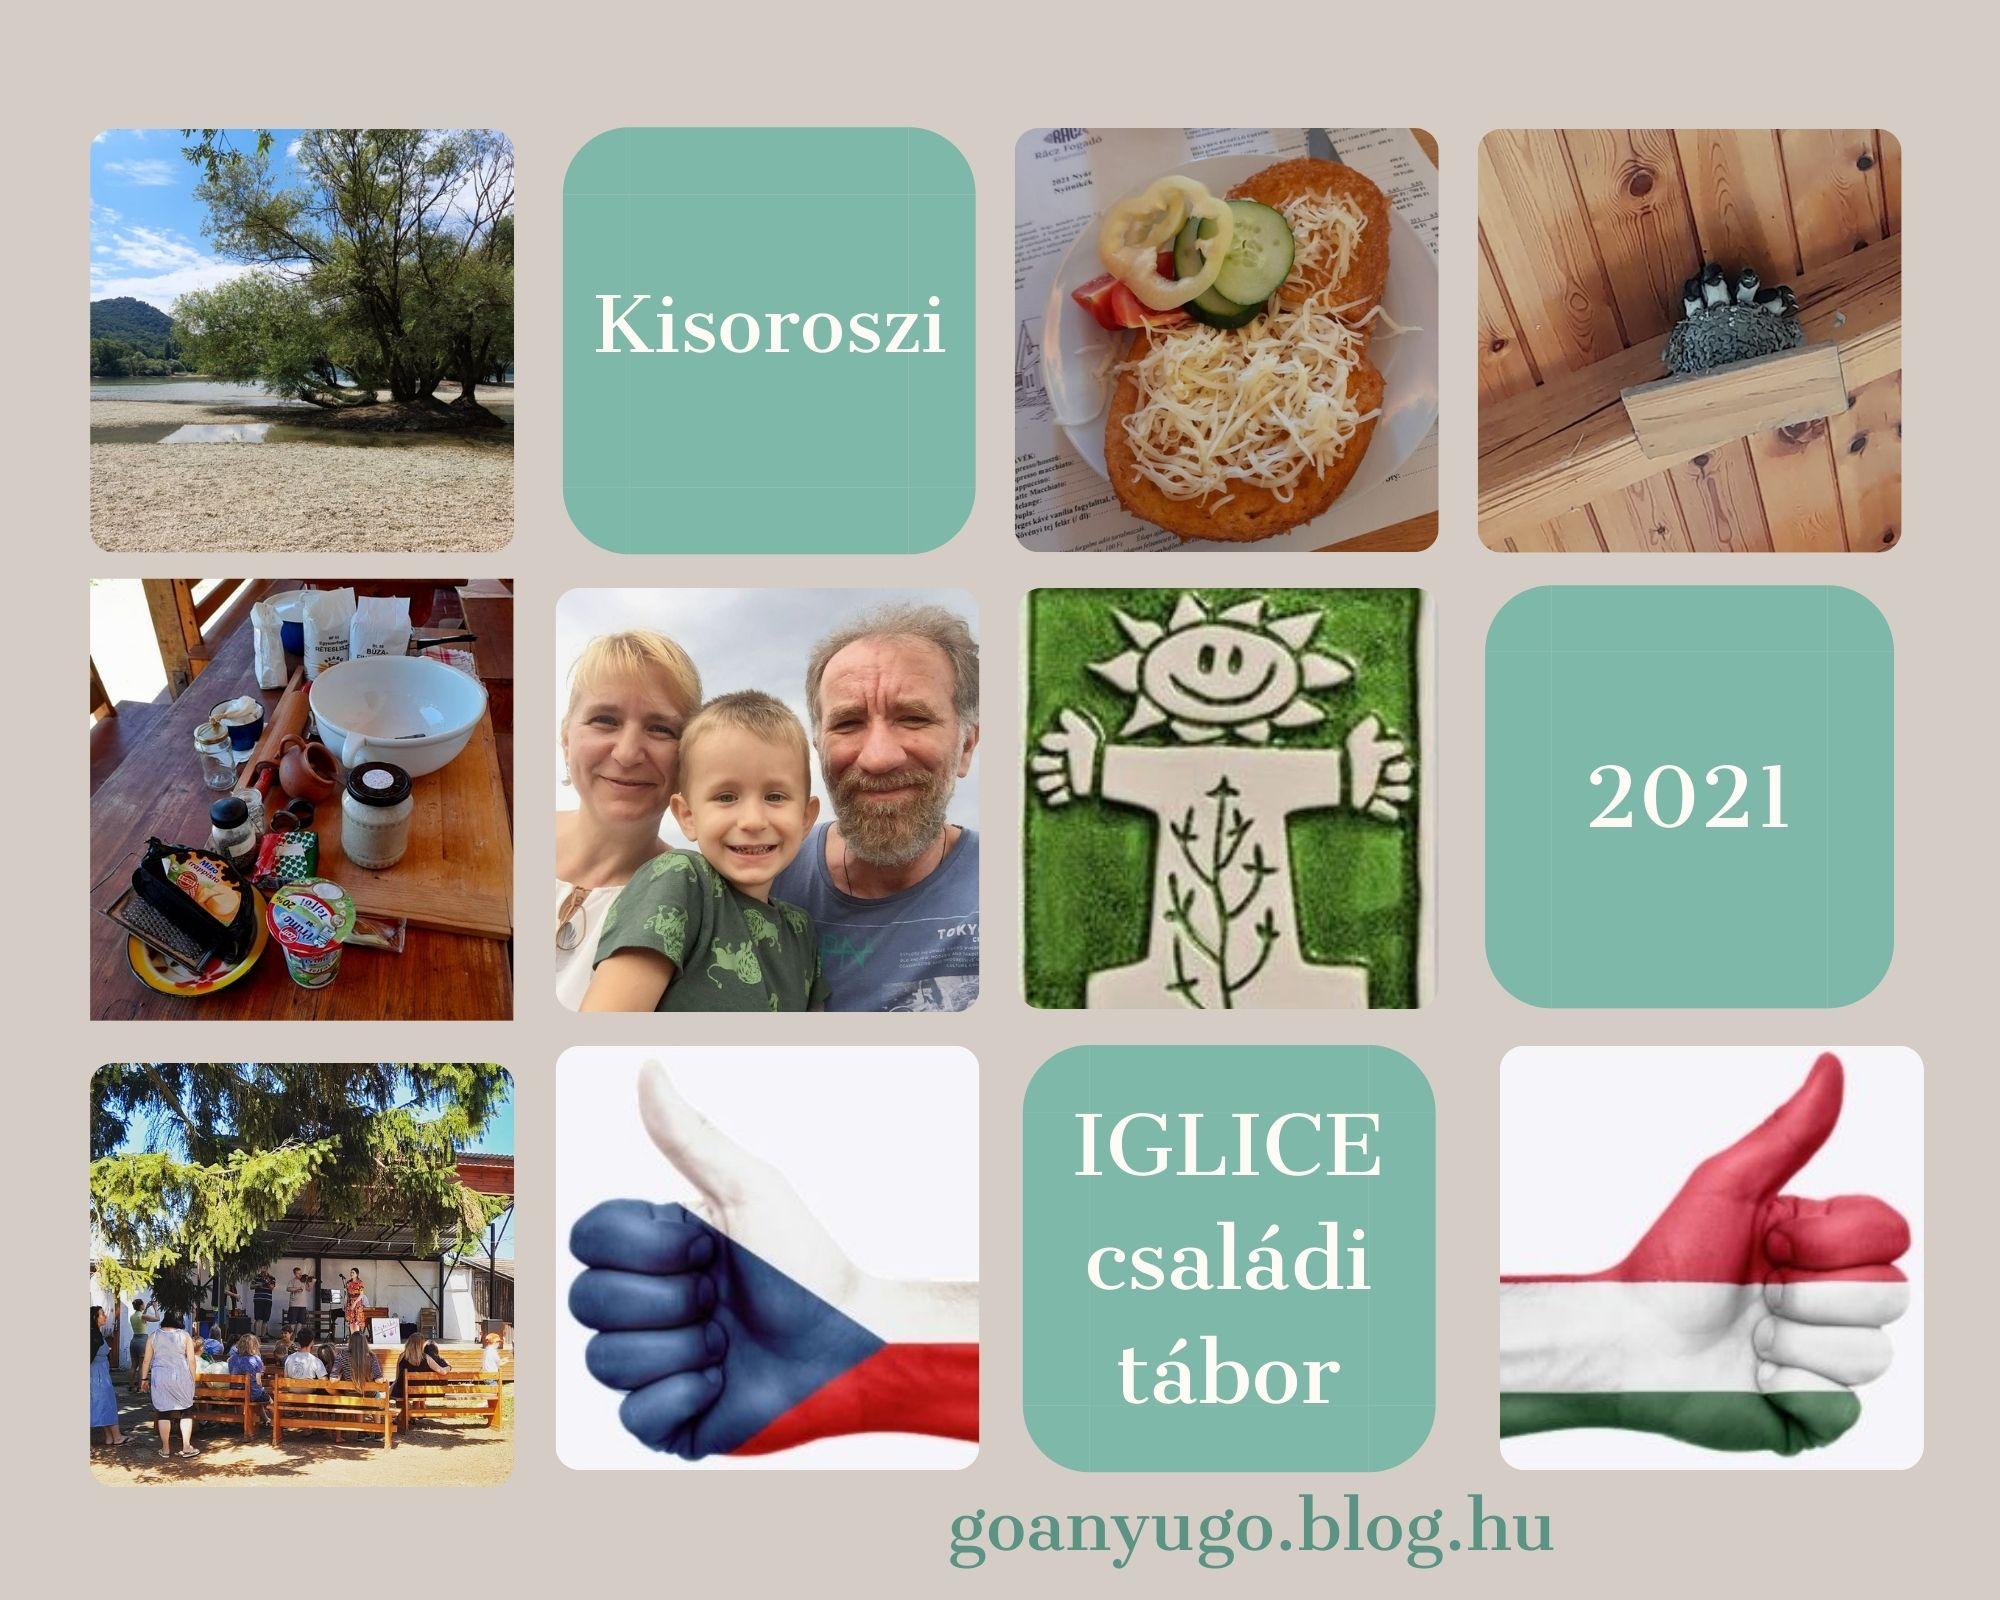 iglice_pragai_magyar_szulok_egylete_go_anyu_go_pragai_magyarok_hagyomanyorzes_nepzene.jpg